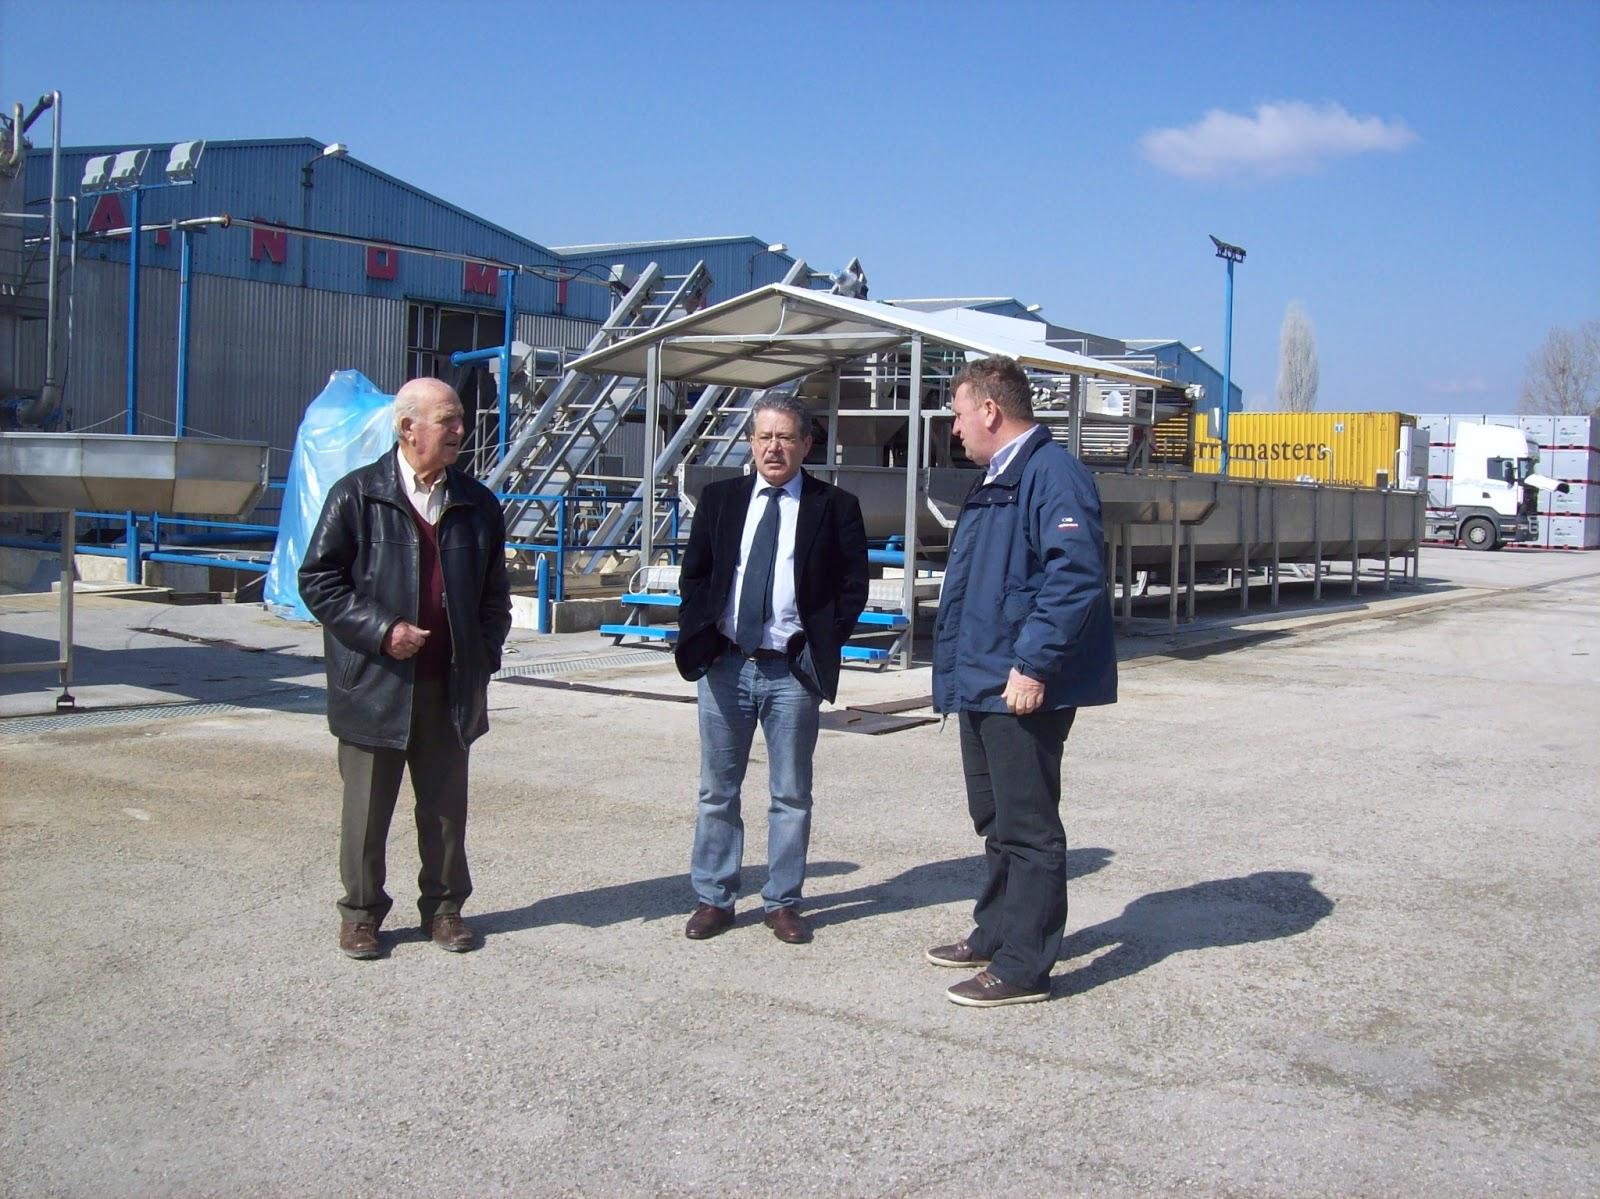 Επίσκεψη του Δ. Μπουραντά σε βιομηχανική μονάδα